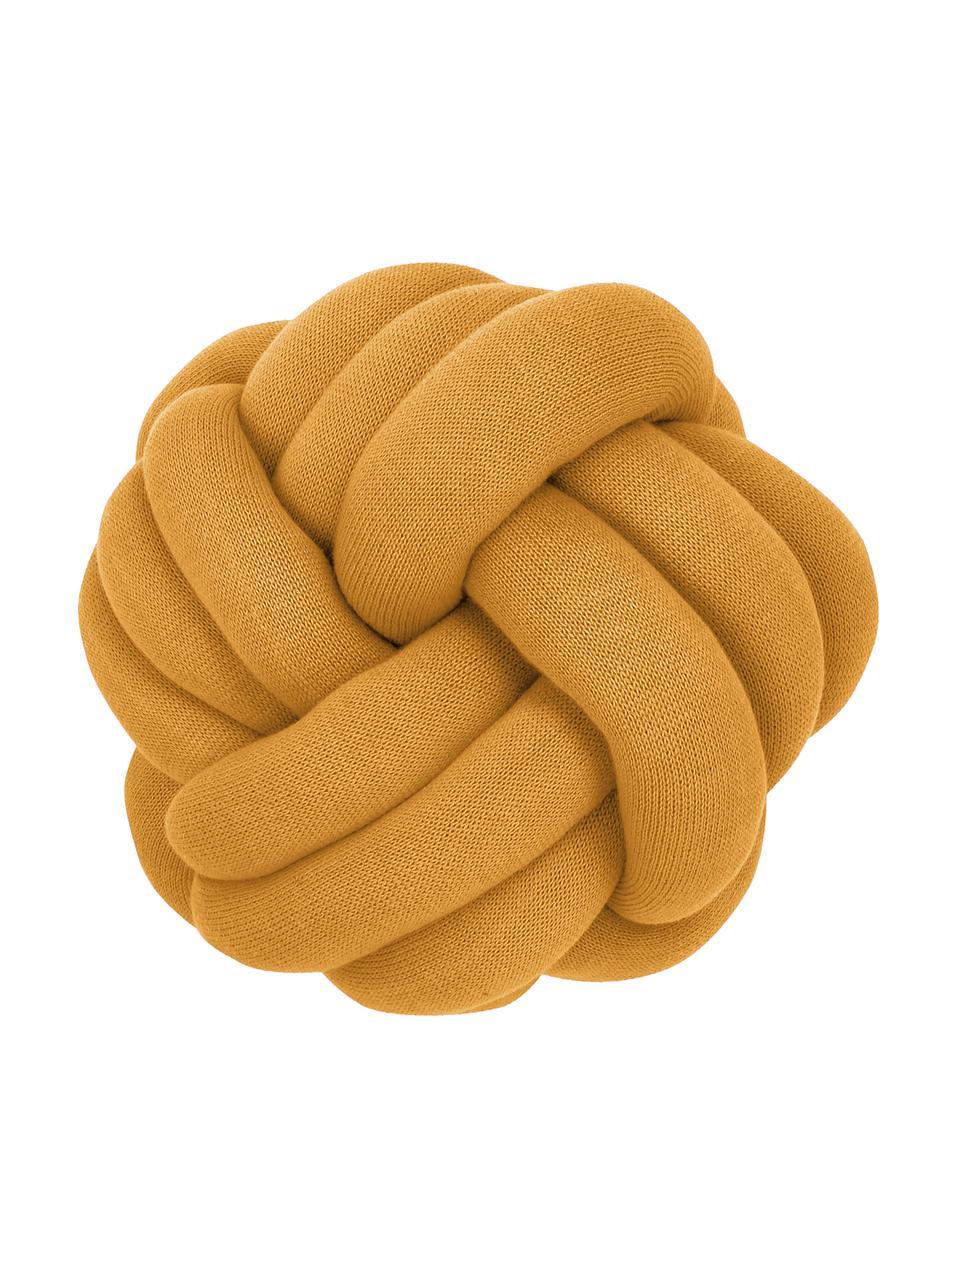 Poduszka supeł Twist, Musztardowy, Ø 30 cm